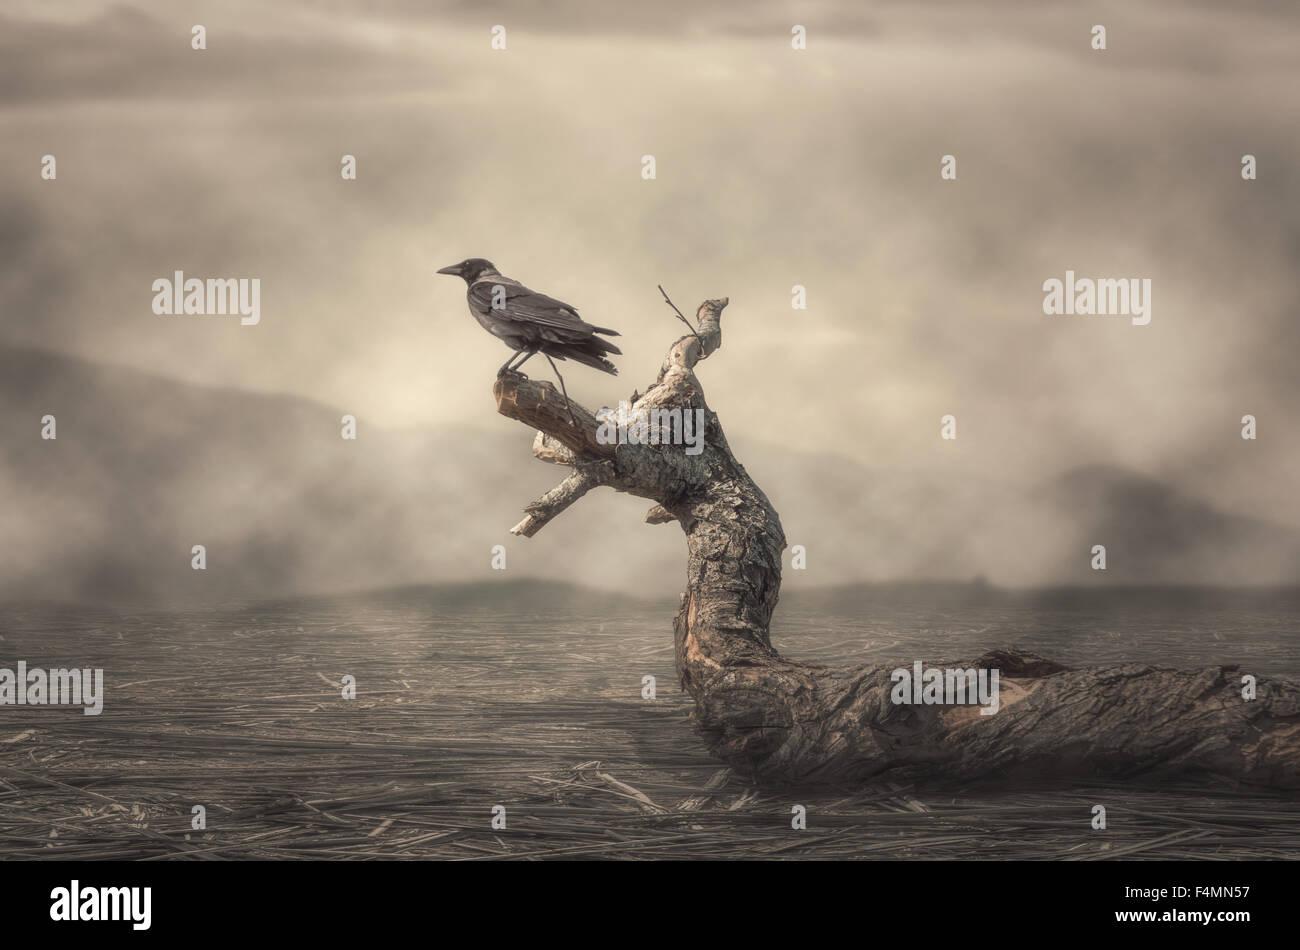 Le corbeau percher sur arbre en temps brumeux Photo Stock